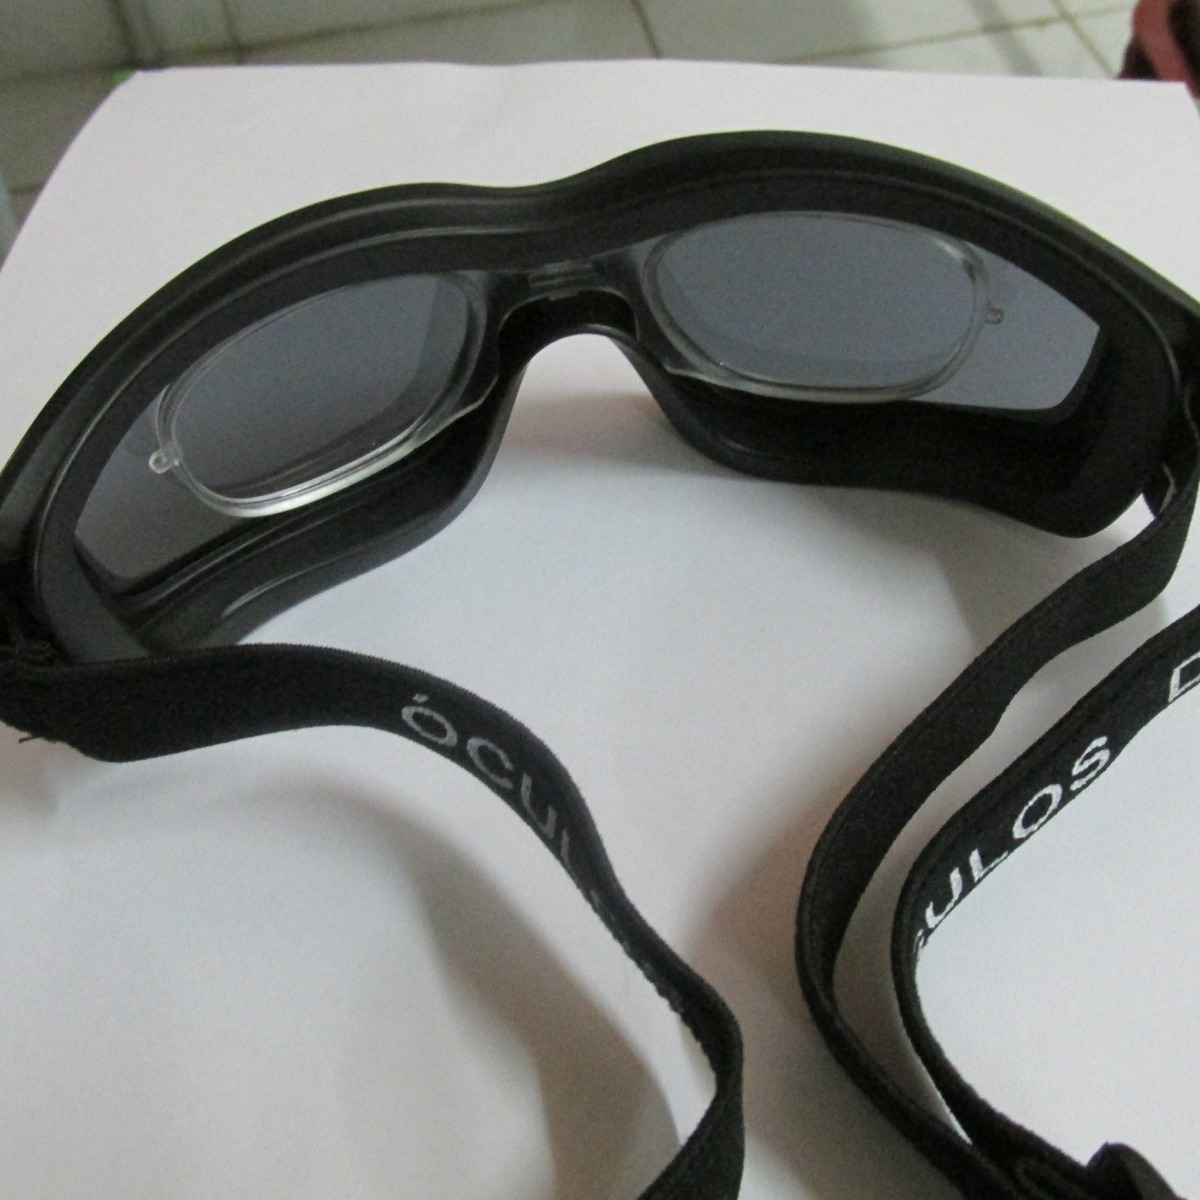 b520b00c473f7 óculos d-tech escuro para futebol + adaptador lentes de grau. Carregando  zoom.